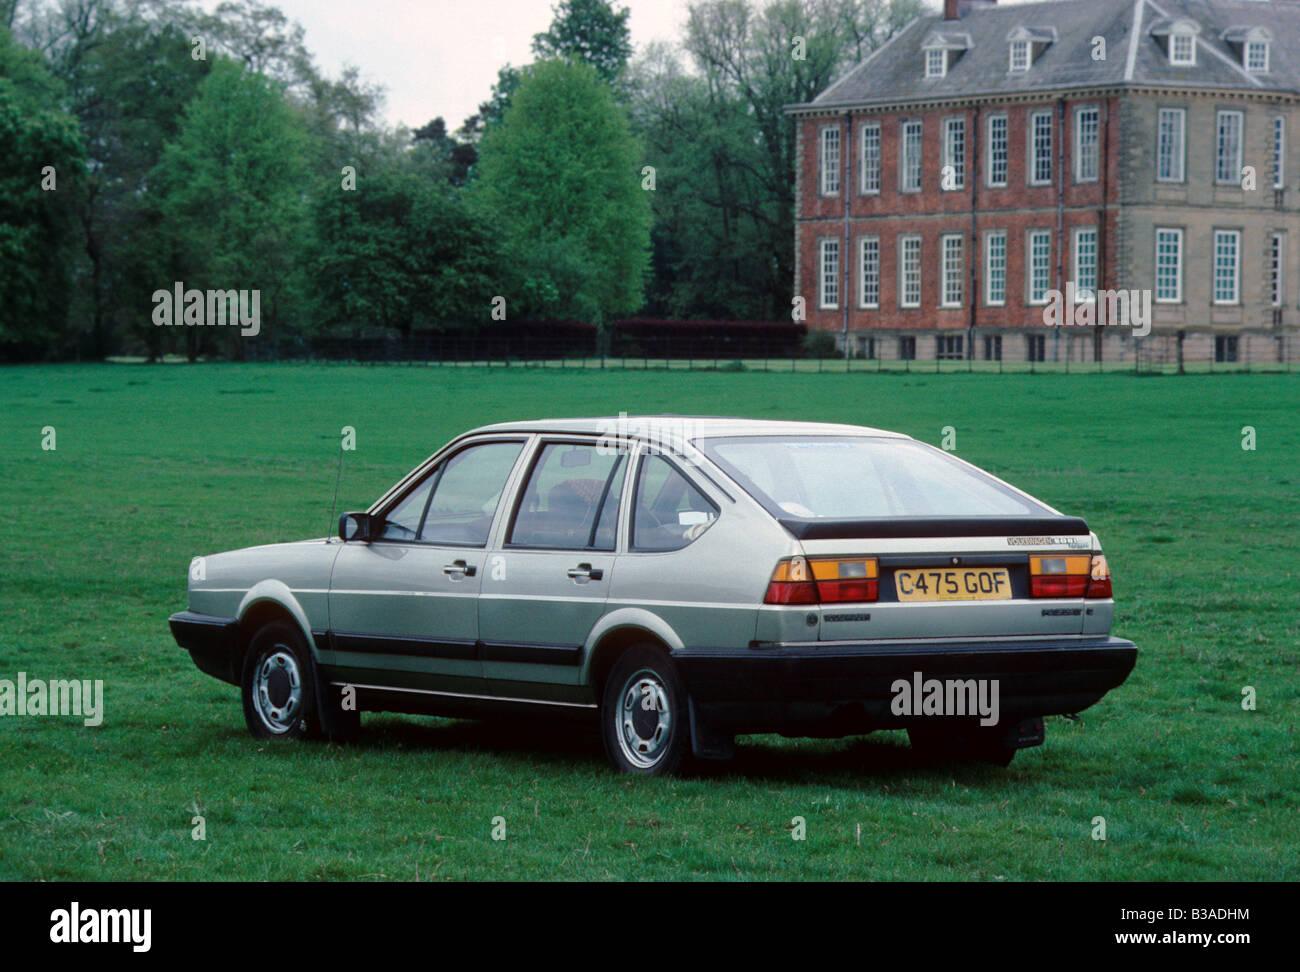 Volkswagen Passat Hatchback Of 1985 Model Years 1980 88